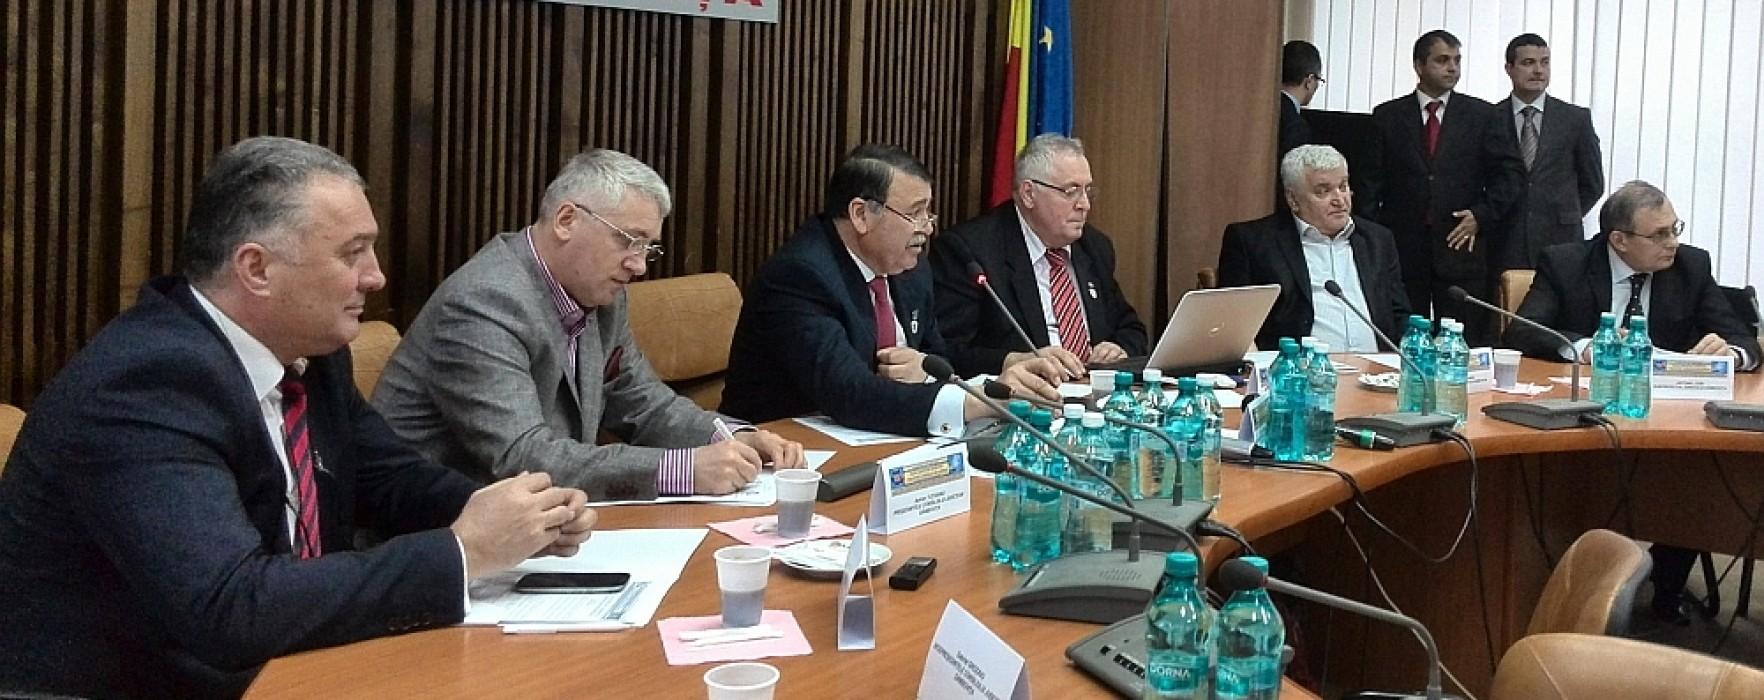 Adrian Ţuţuianu (preşedinte CJ Dâmboviţa): Trebuie să avem în vedere continuarea procesului de descentralizare